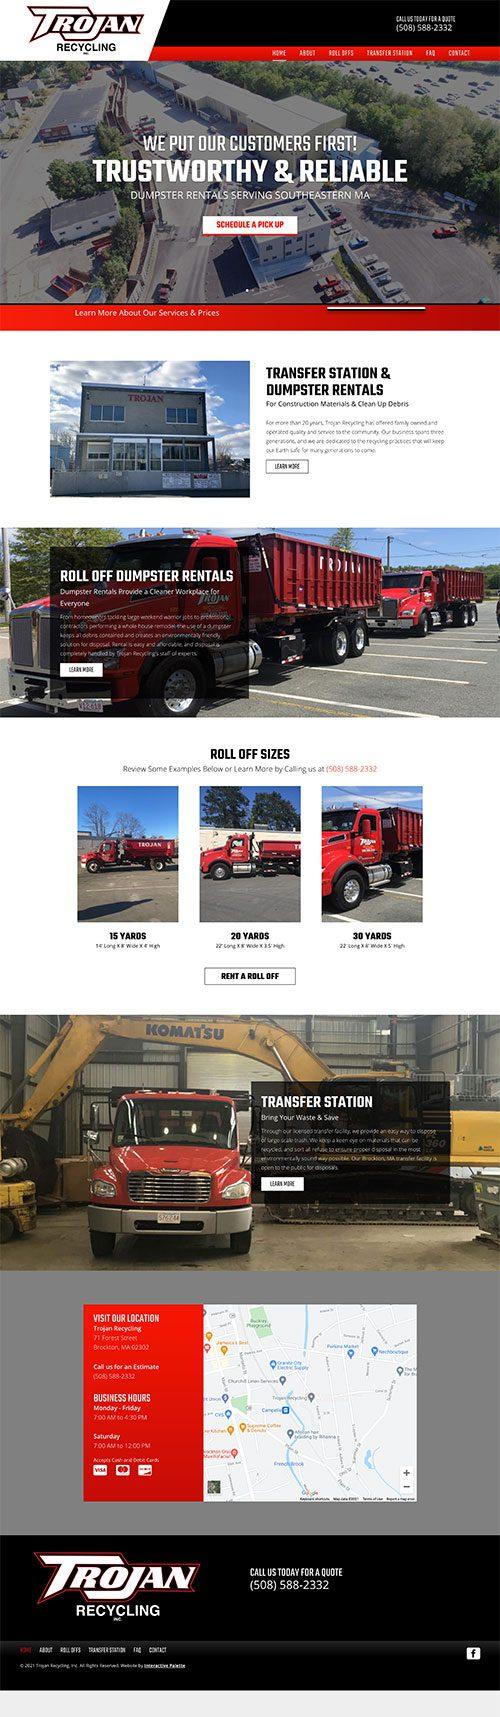 Trojan Recycling, Inc. Brockton, MA